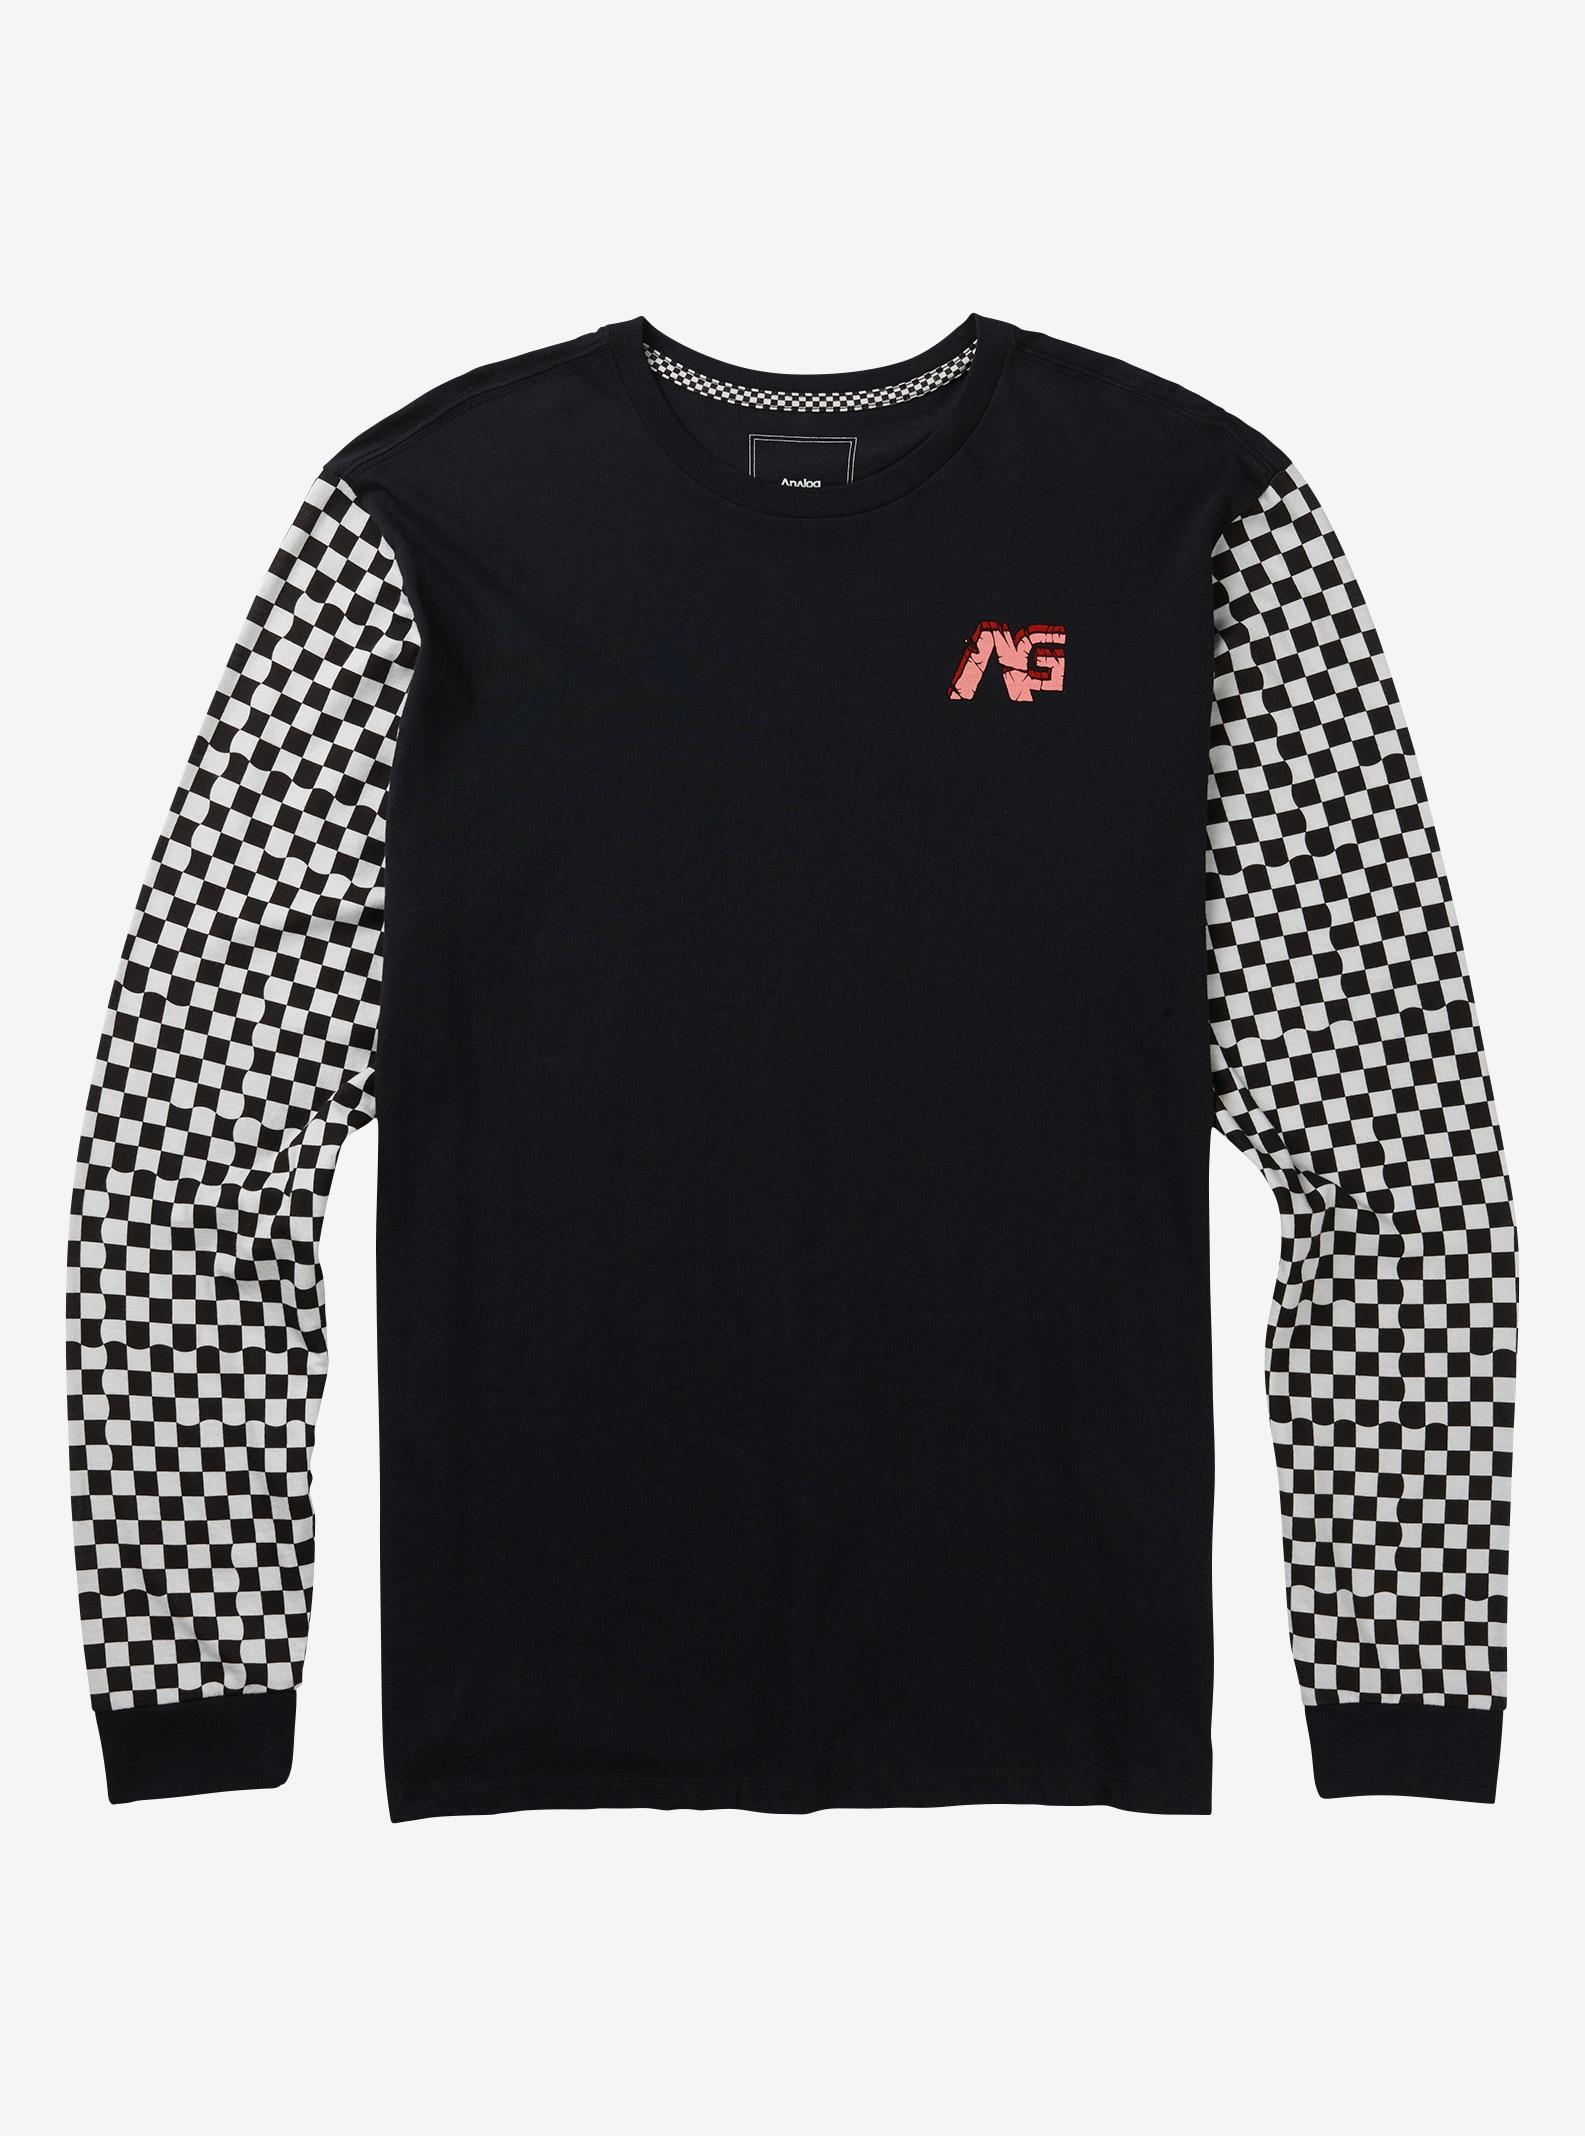 Men's Analog Rockaway Long Sleeve T Shirt shown in True Black